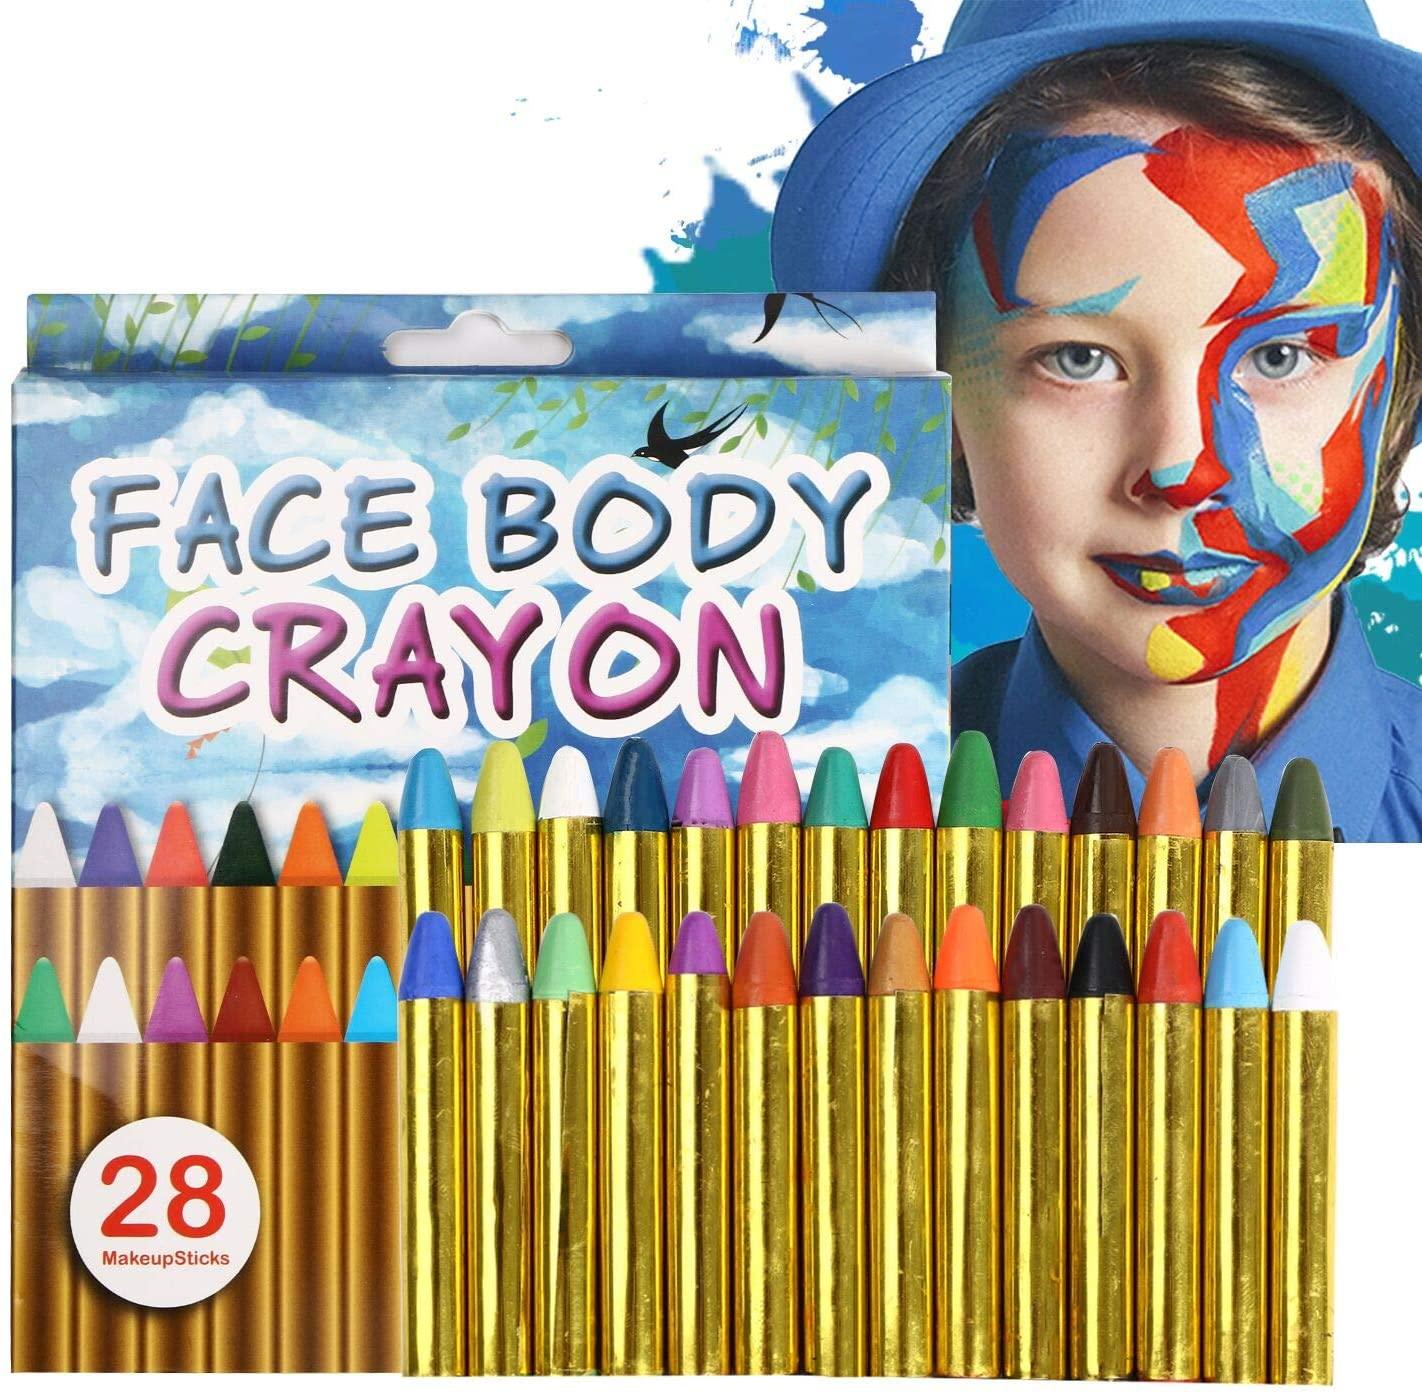 Pinturas Cara para niños. No tóxicas.